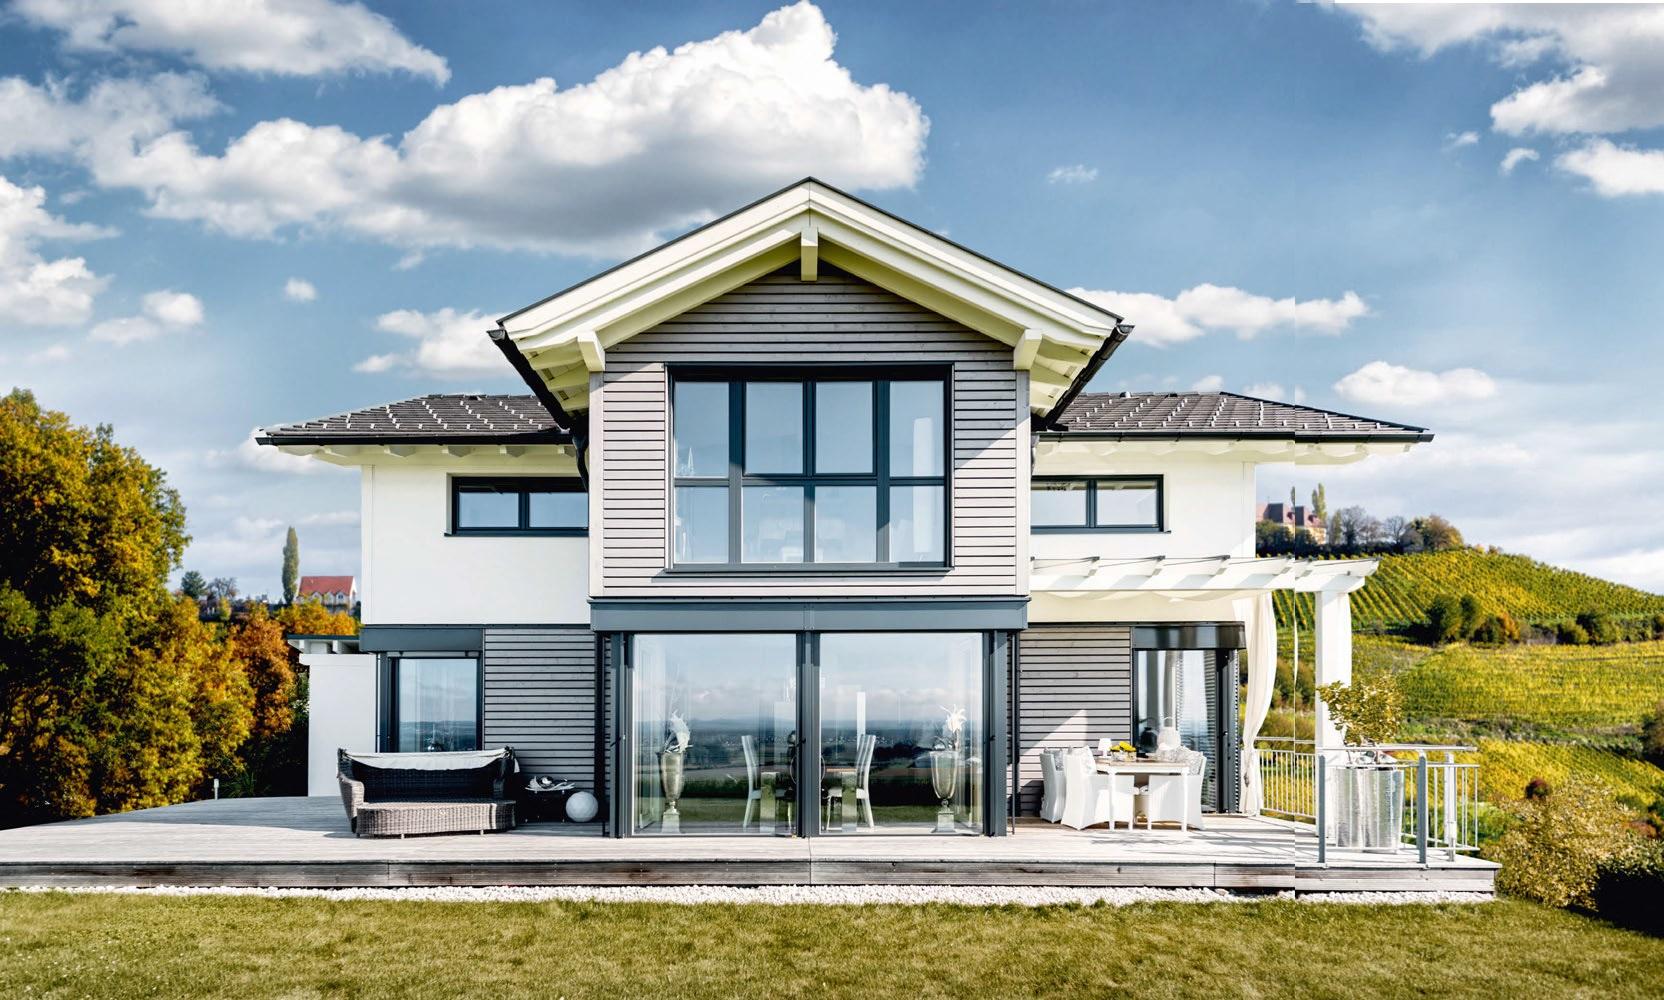 Ecologica bella su misura una casa prefabbricata da sogno casa naturale - Casa da sogno biancheria ...